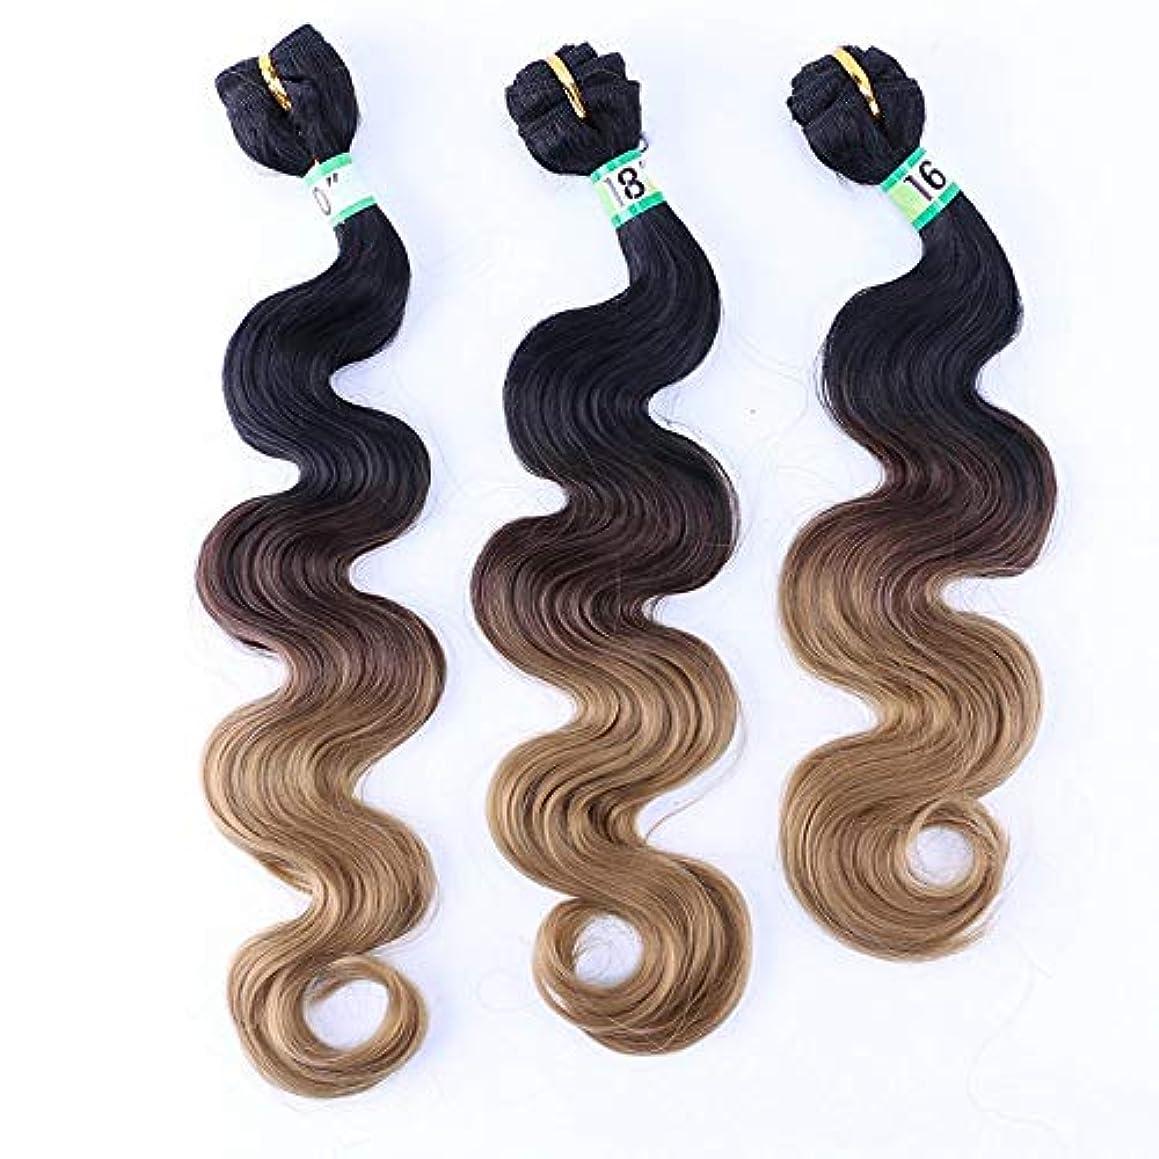 累計スカイタックルYESONEEP 女性の巻き毛の実体波3バンドル - T1 / 427茶色の人工毛横糸ヘアエクステンション女性の合成かつらレースかつらロールプレイングかつら (色 : ブラウン, サイズ : 16